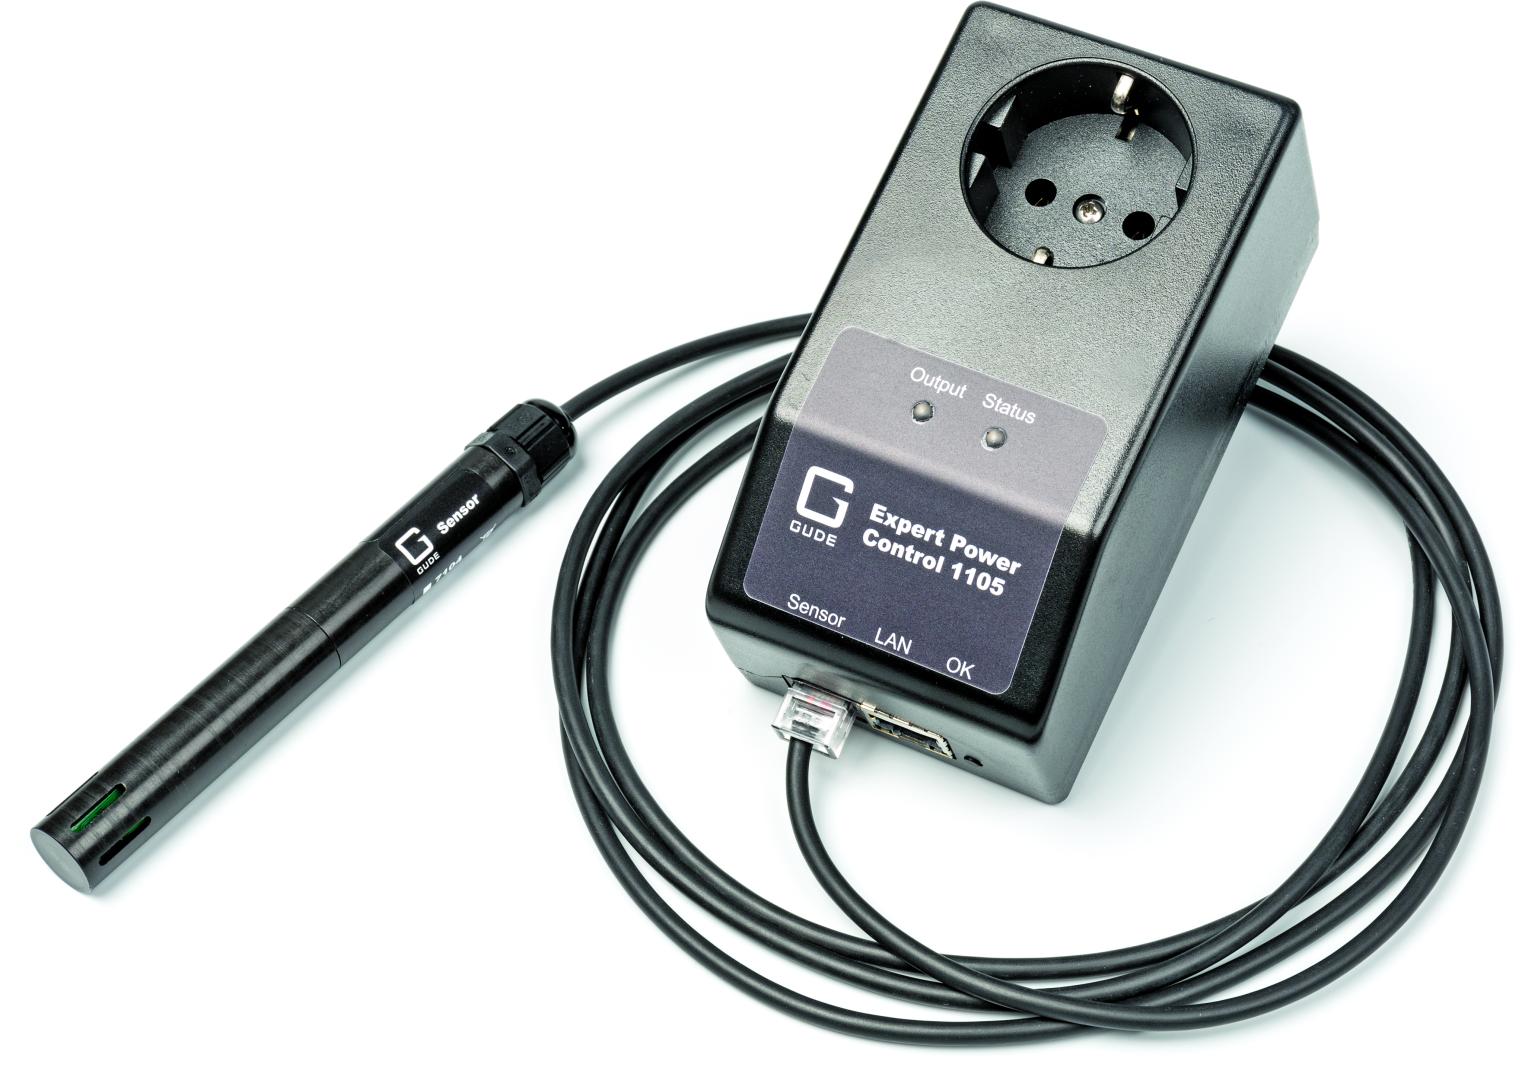 schakelen via netwerk Gude Power Control 1105 test WCD